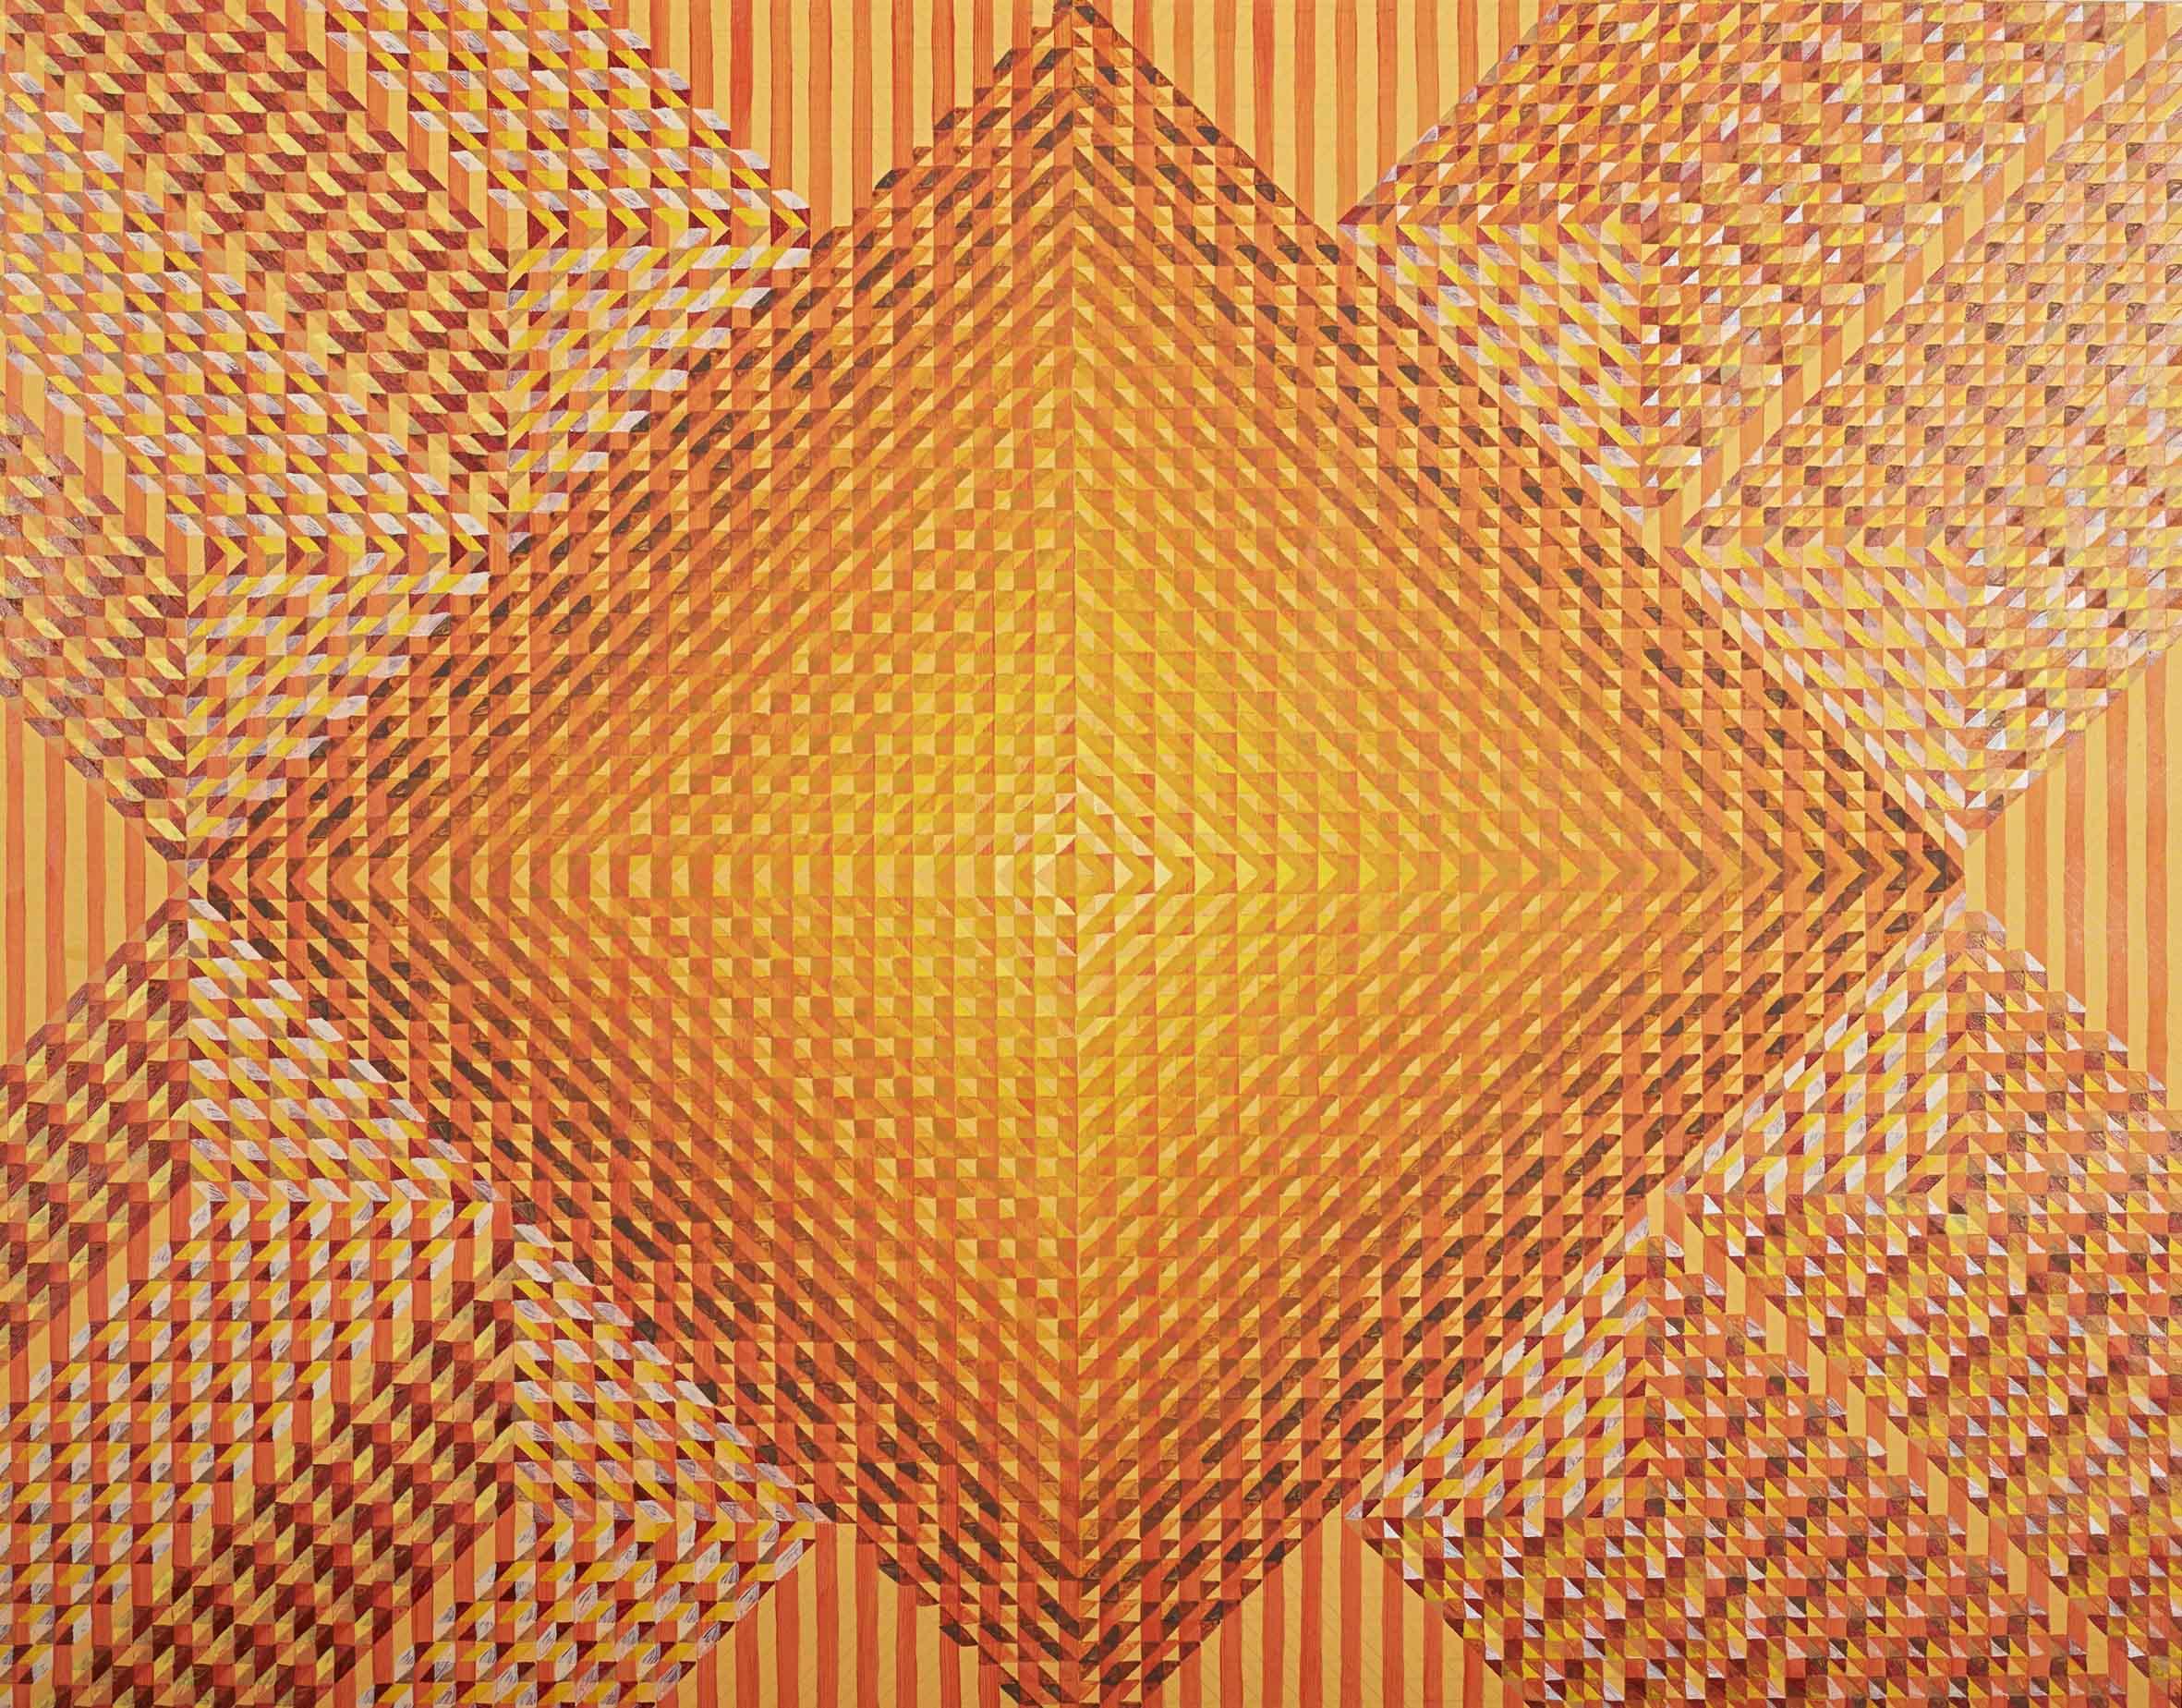 Sun Matrix